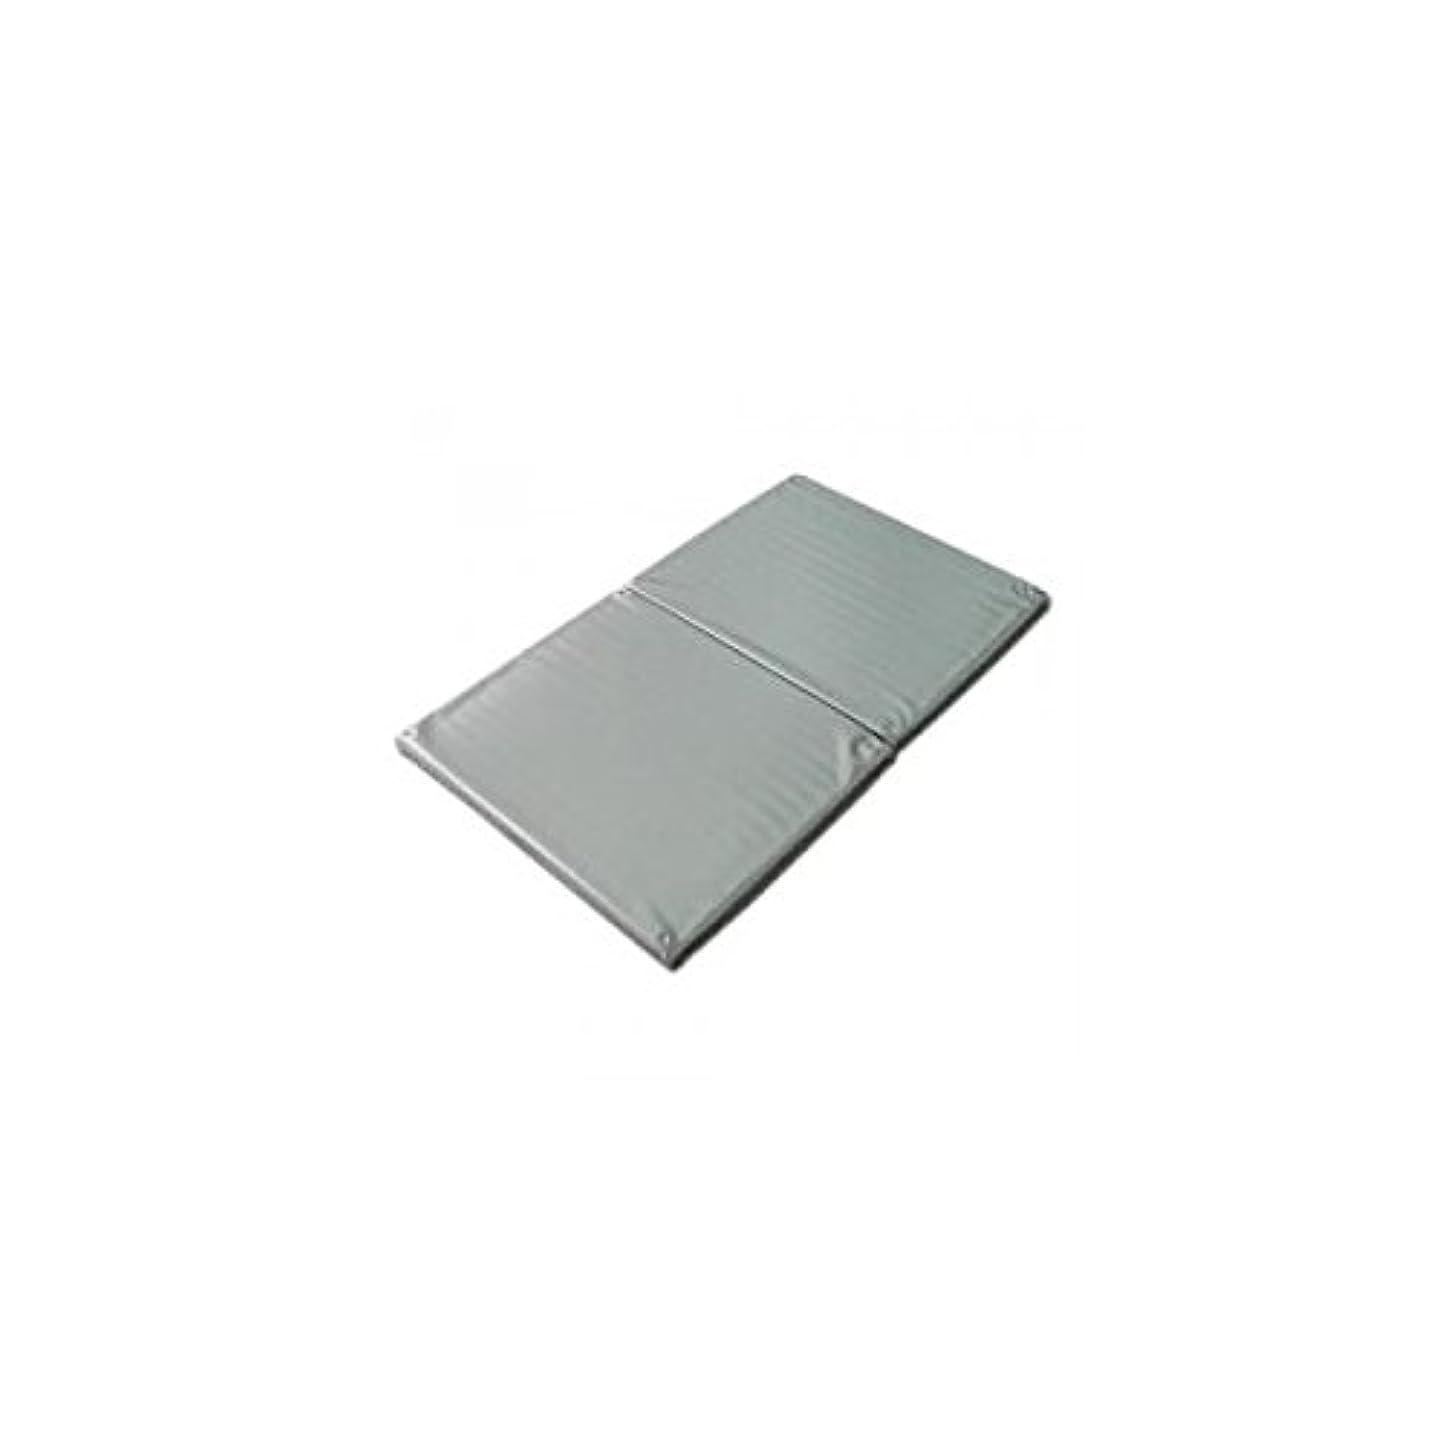 数学メモレクリエーションヨックお風呂のマッサージ用マットP(2ツ折)シルバー 120×70cm│防水マッサージマット ポリエチレン製